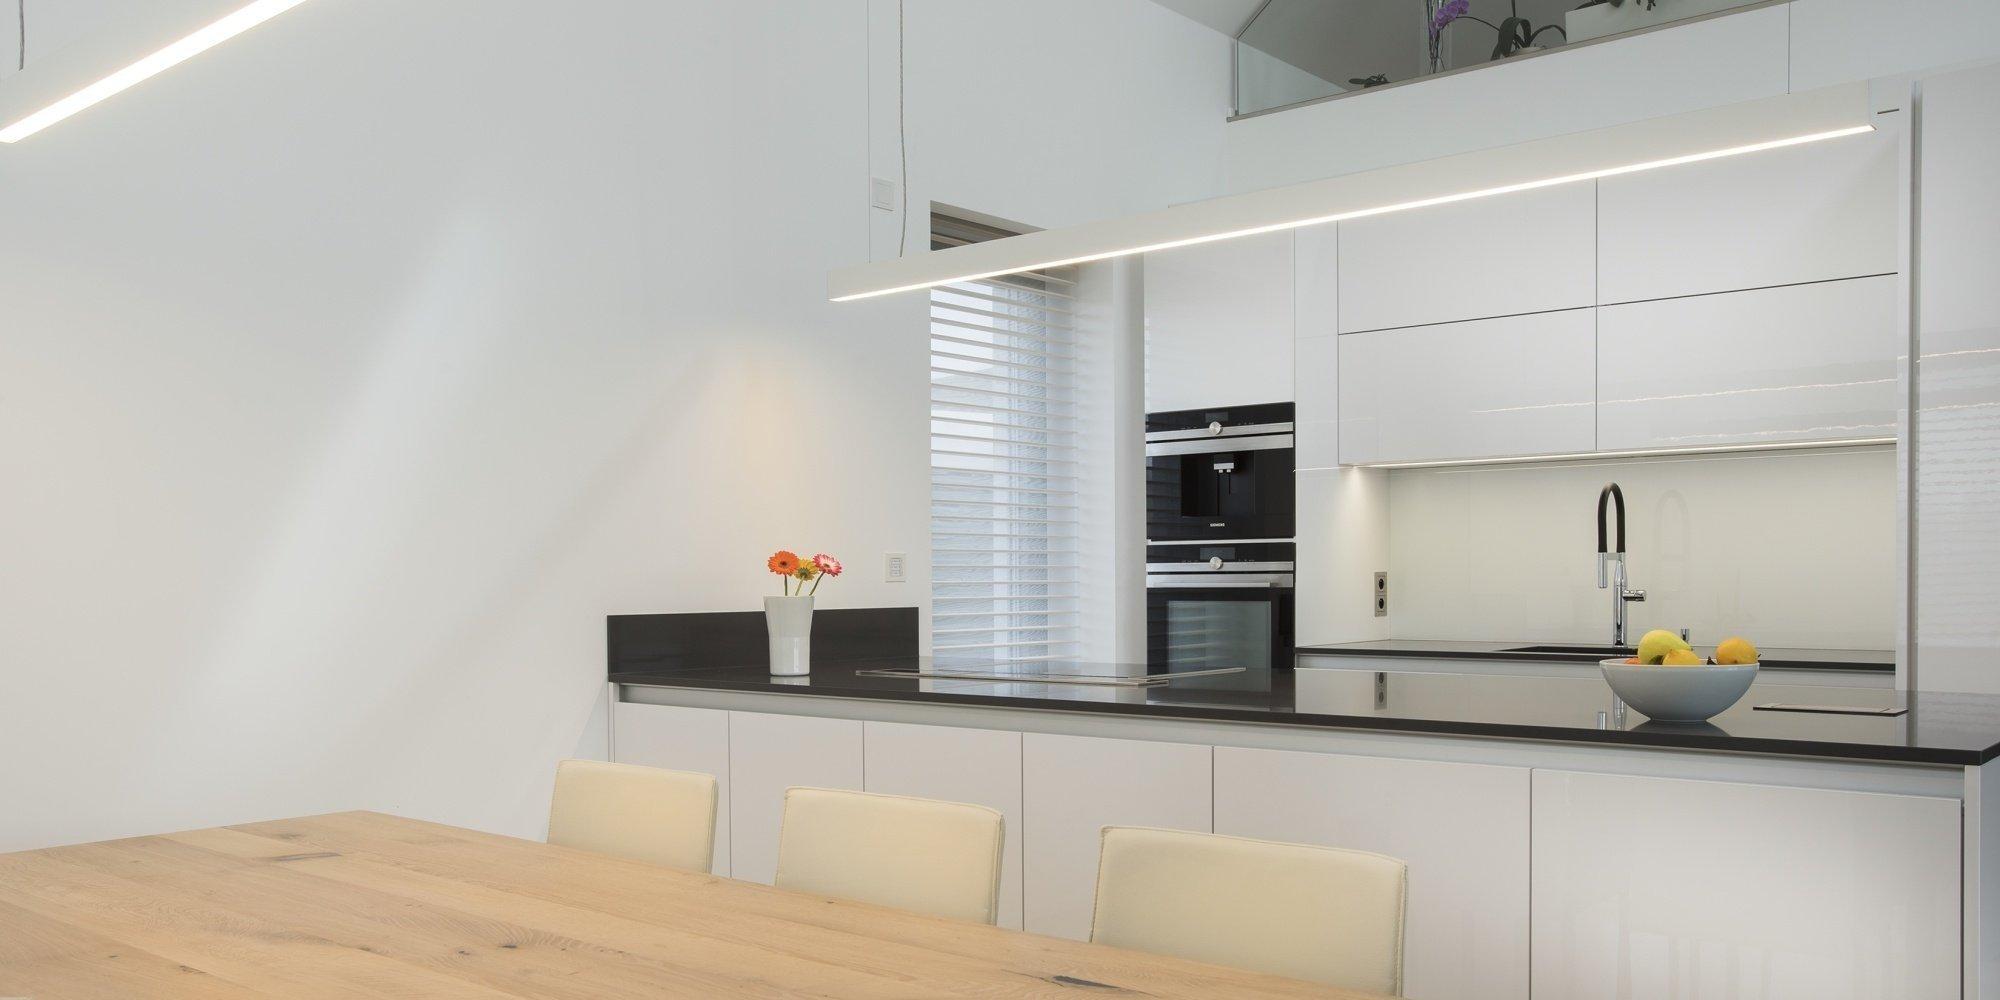 Kuchyň BEECK KÜCHEN, rodinný dům. Provedení - Colora lesk bílá, pracovní deska Technistone Crystal Anthracit. Kuchyň je vybavena spotřebiči Siemens. Stůl a…